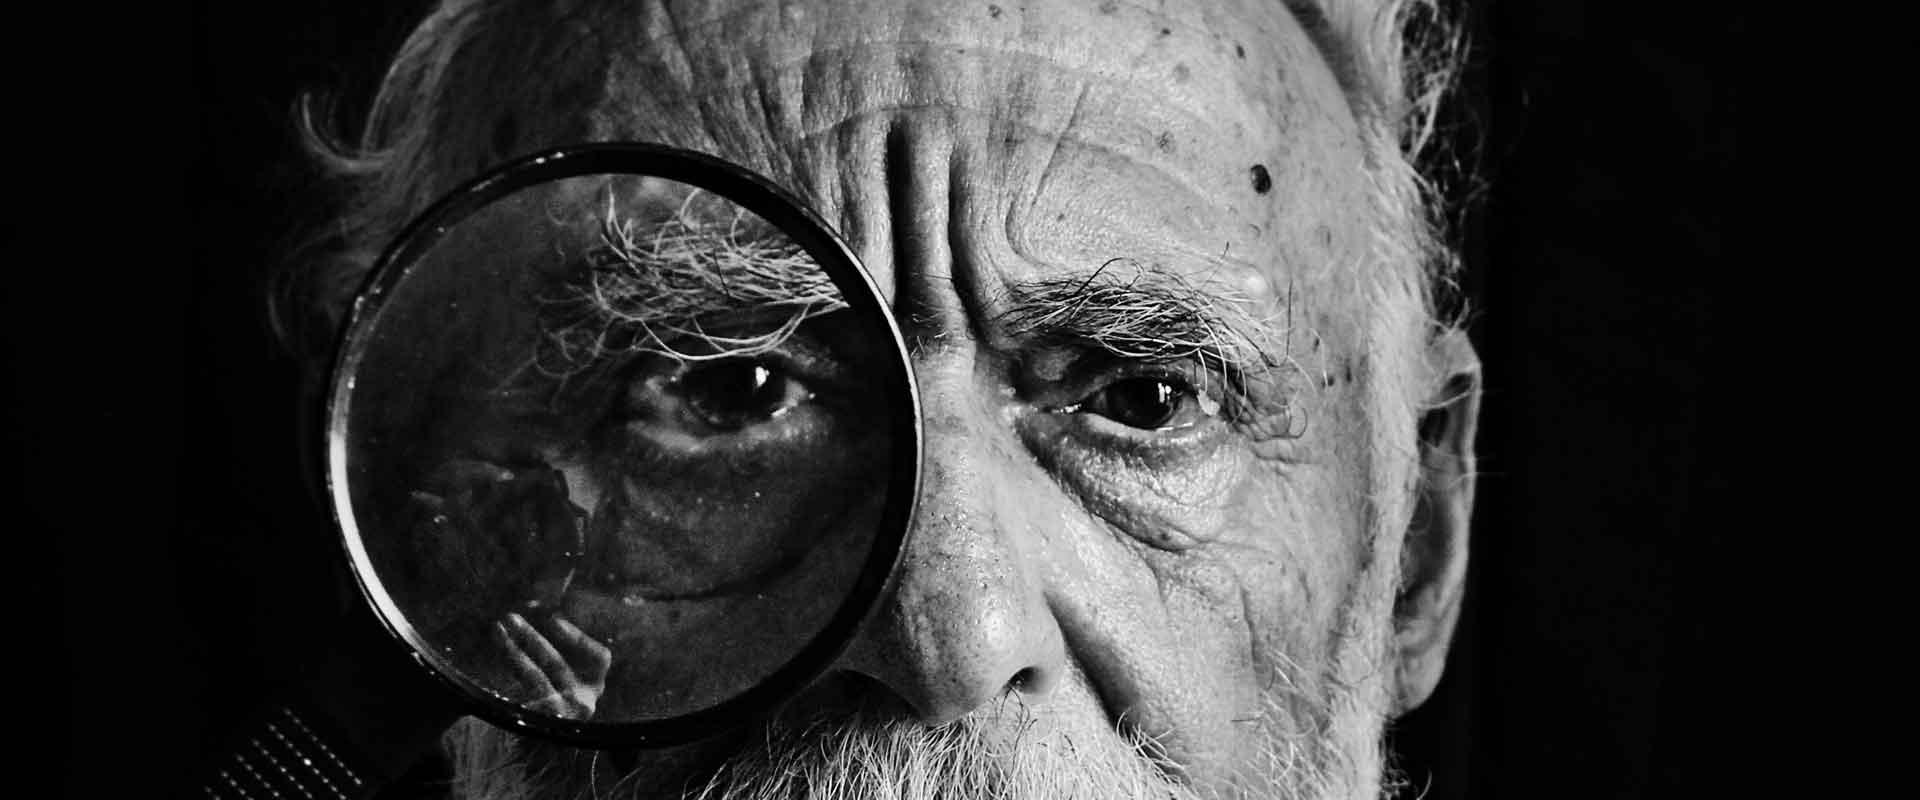 Cataractes i glaucoma